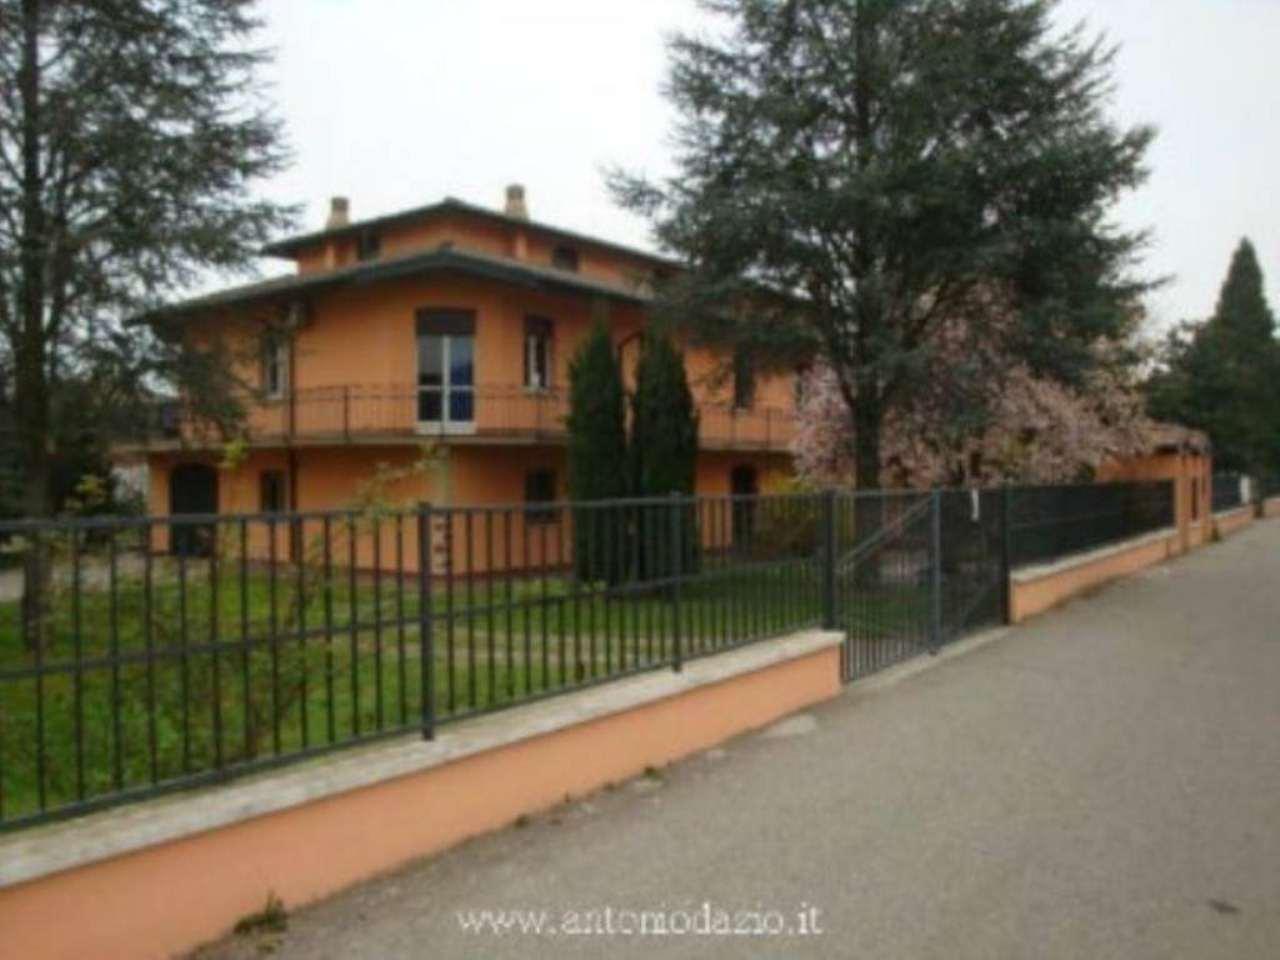 Villa in vendita a Valle Salimbene, 6 locali, prezzo € 370.000 | Cambio Casa.it